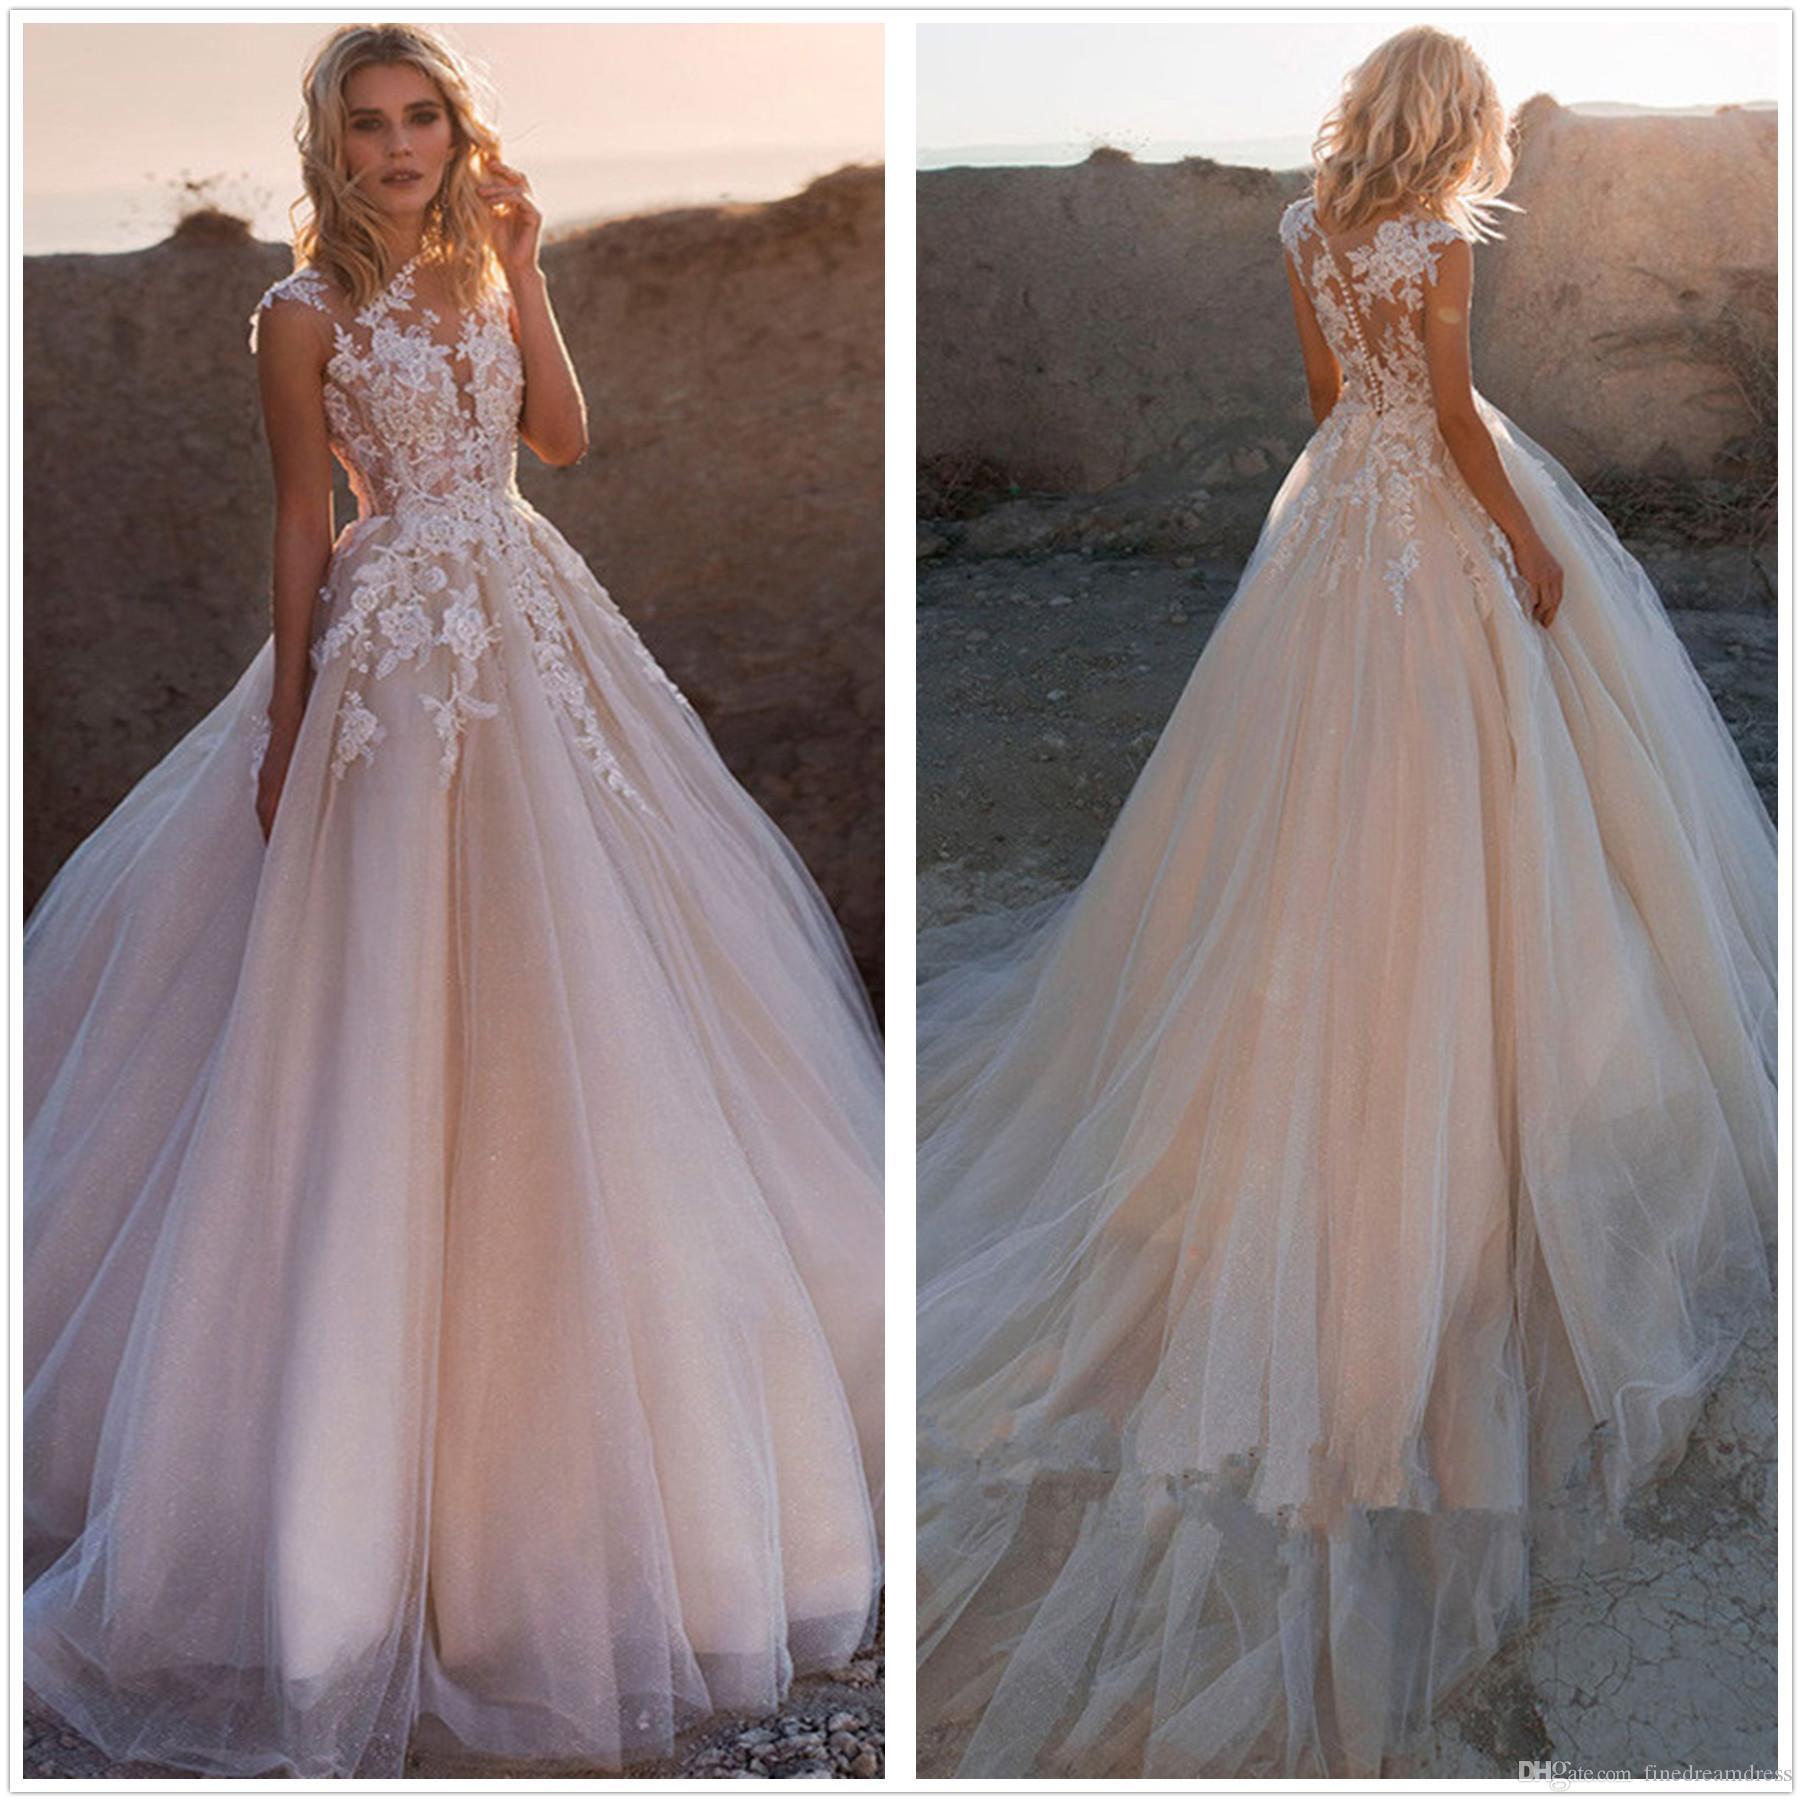 Champagne elegantes vestidos de casamento Lace A linha pura Cap mangas Tulle Lace Top Boho Praia Trem da varredura de casamento vestidos de noiva com botões